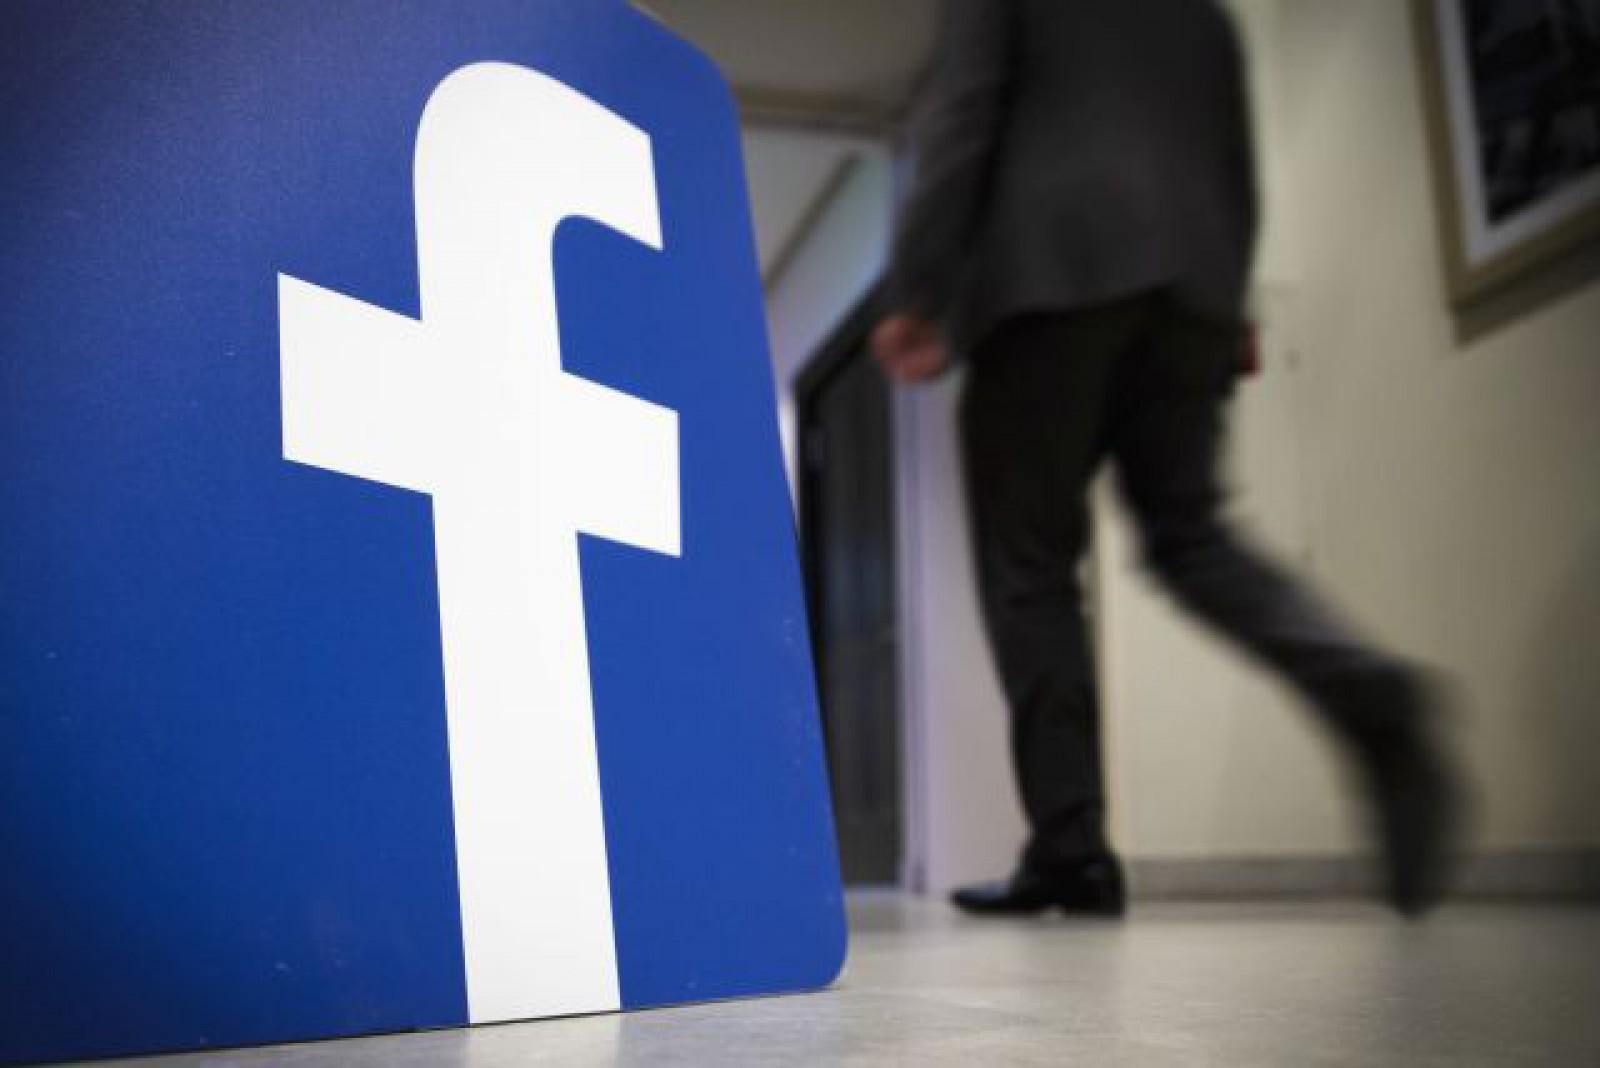 Un bug de pe Facebook le-a permis publicitarilor să vadă numerele de telefon ale utilizatorilor